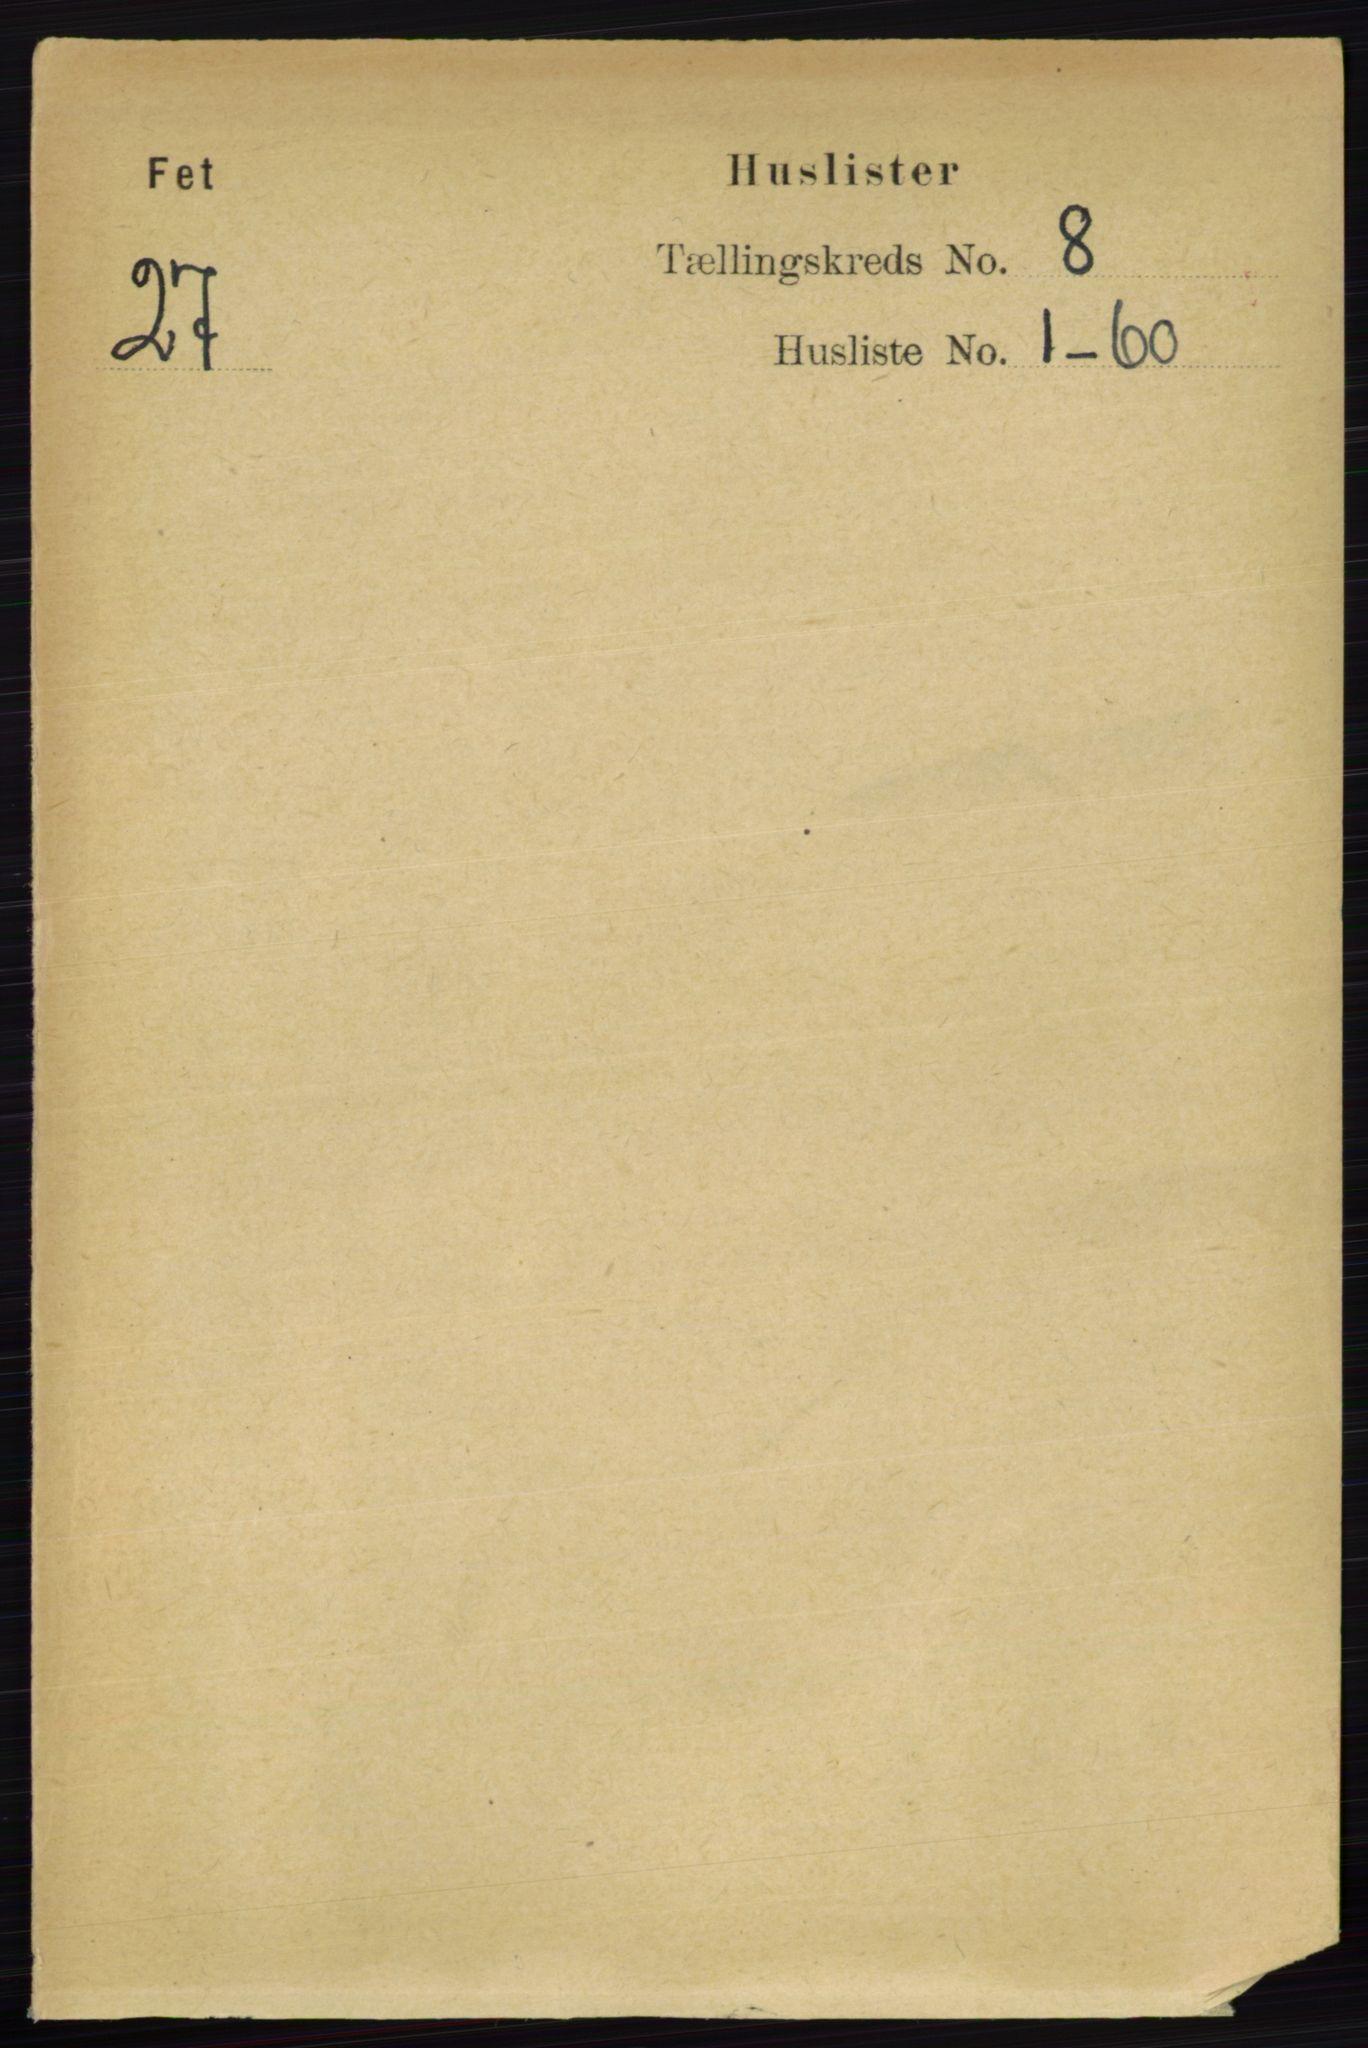 RA, Folketelling 1891 for 0227 Fet herred, 1891, s. 2981